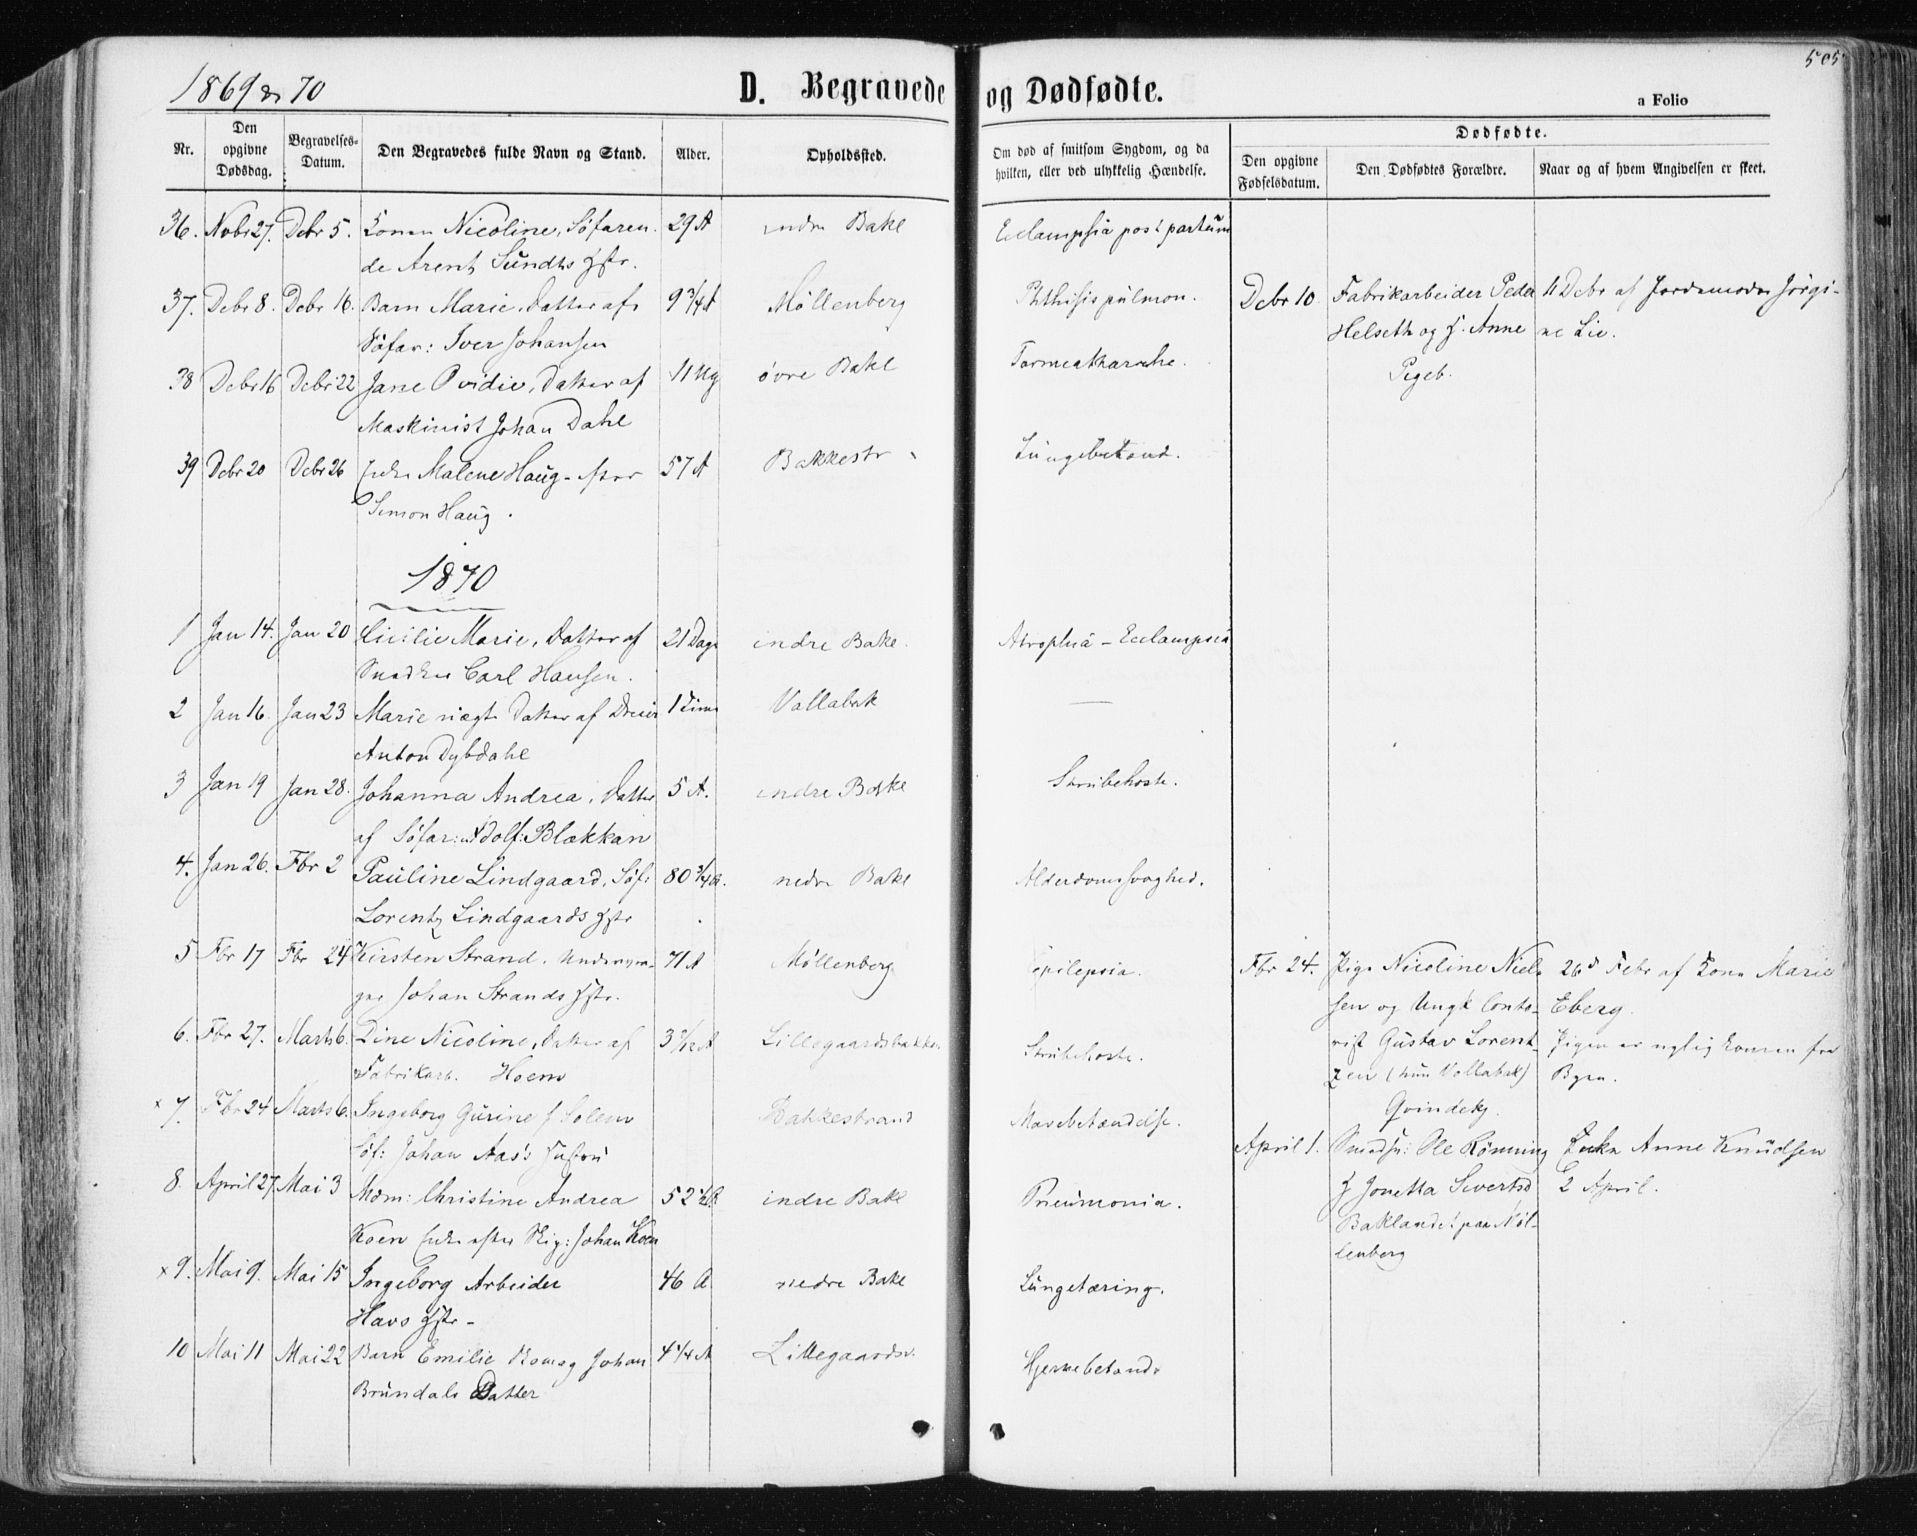 SAT, Ministerialprotokoller, klokkerbøker og fødselsregistre - Sør-Trøndelag, 604/L0186: Ministerialbok nr. 604A07, 1866-1877, s. 505